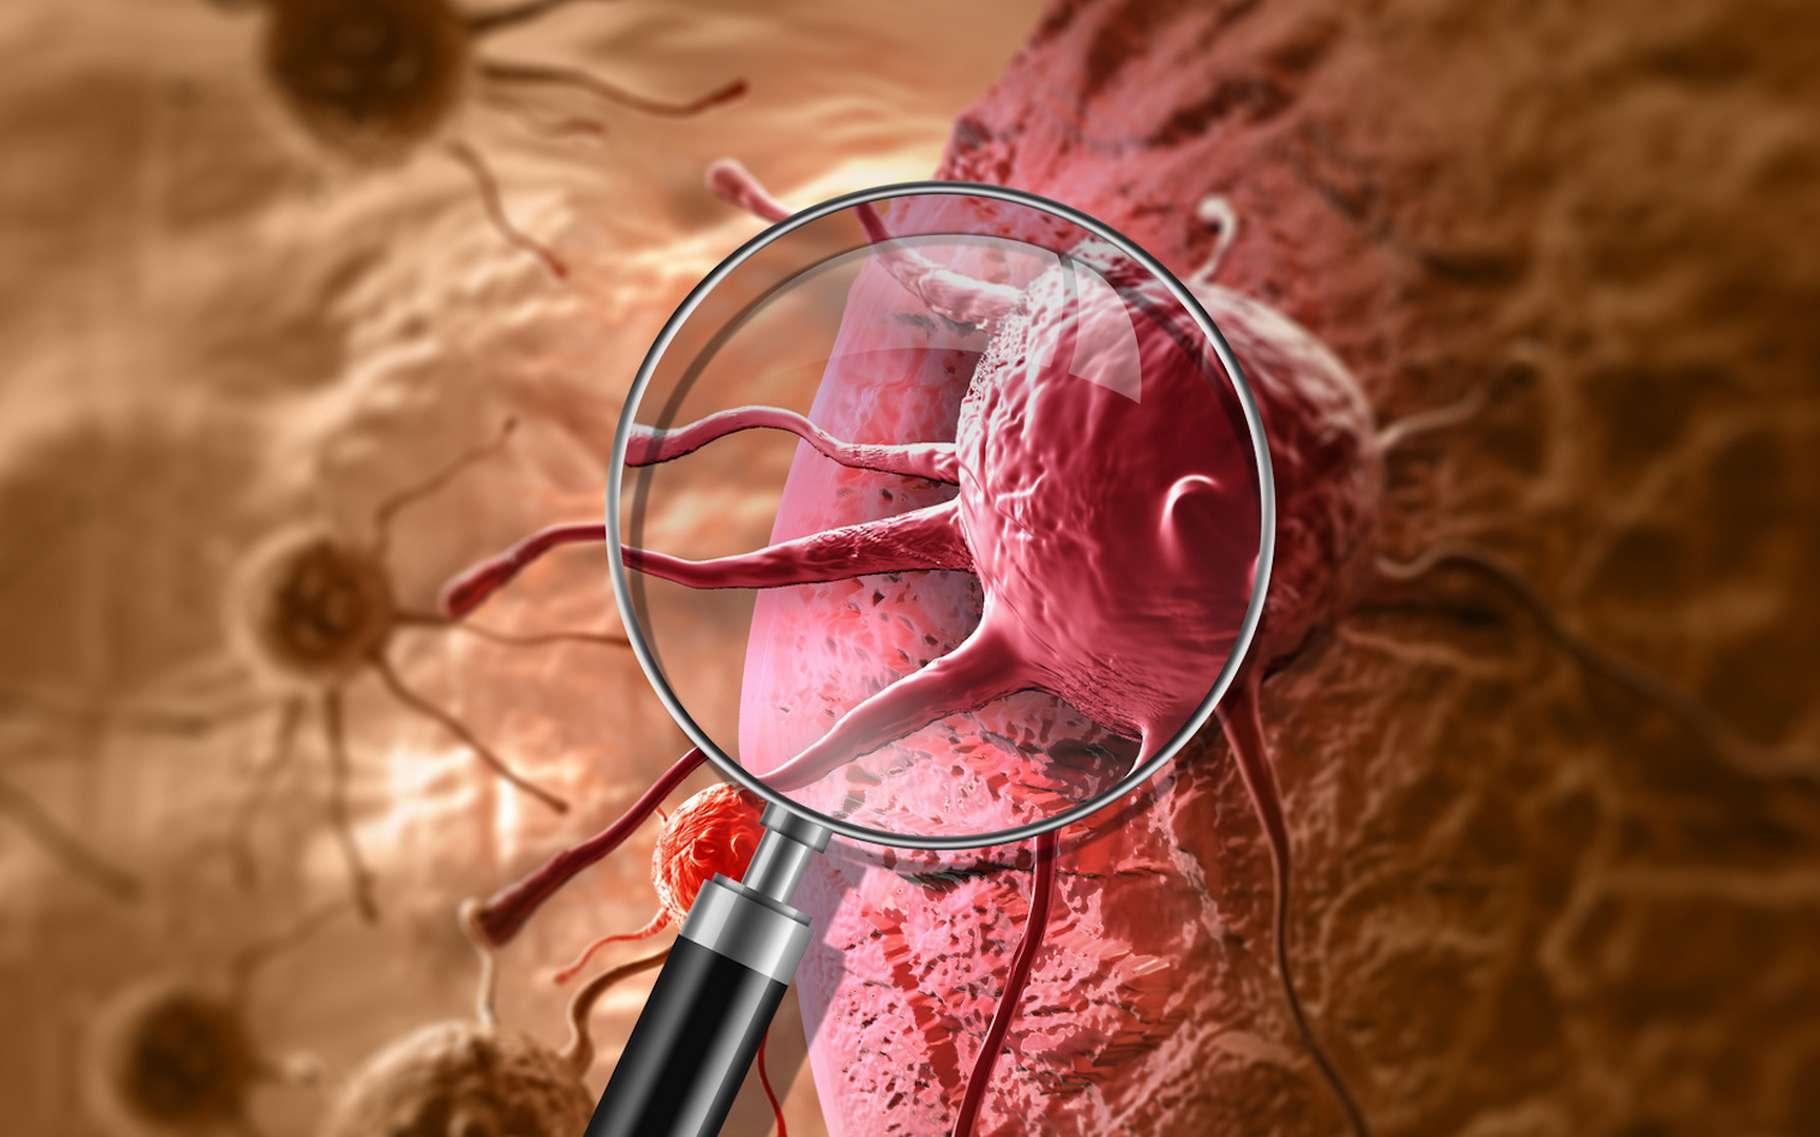 L'exposition aux nanoparticules présentes dans notre environnement – ou injectées pour traiter certaines maladies – pourrait favoriser la formation de métastases cancéreuses. © vitanovski, Fotolia